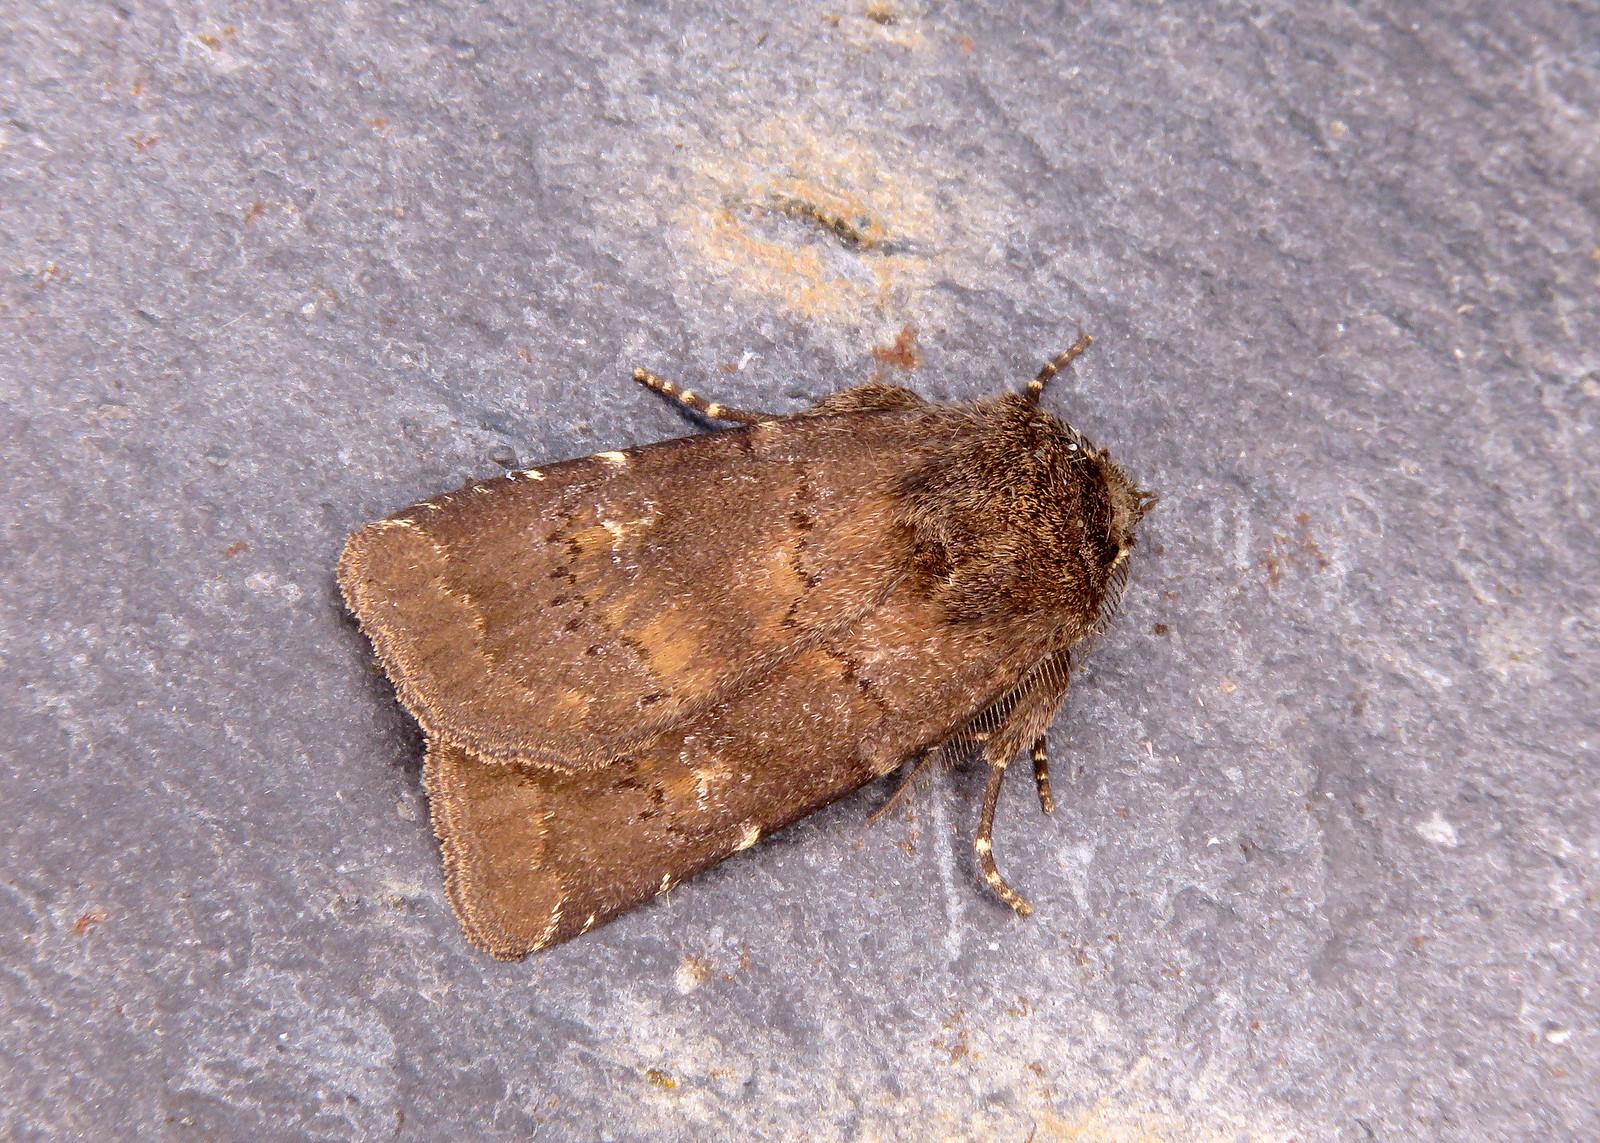 73.102 Brown Rustic - Rusina ferruginea